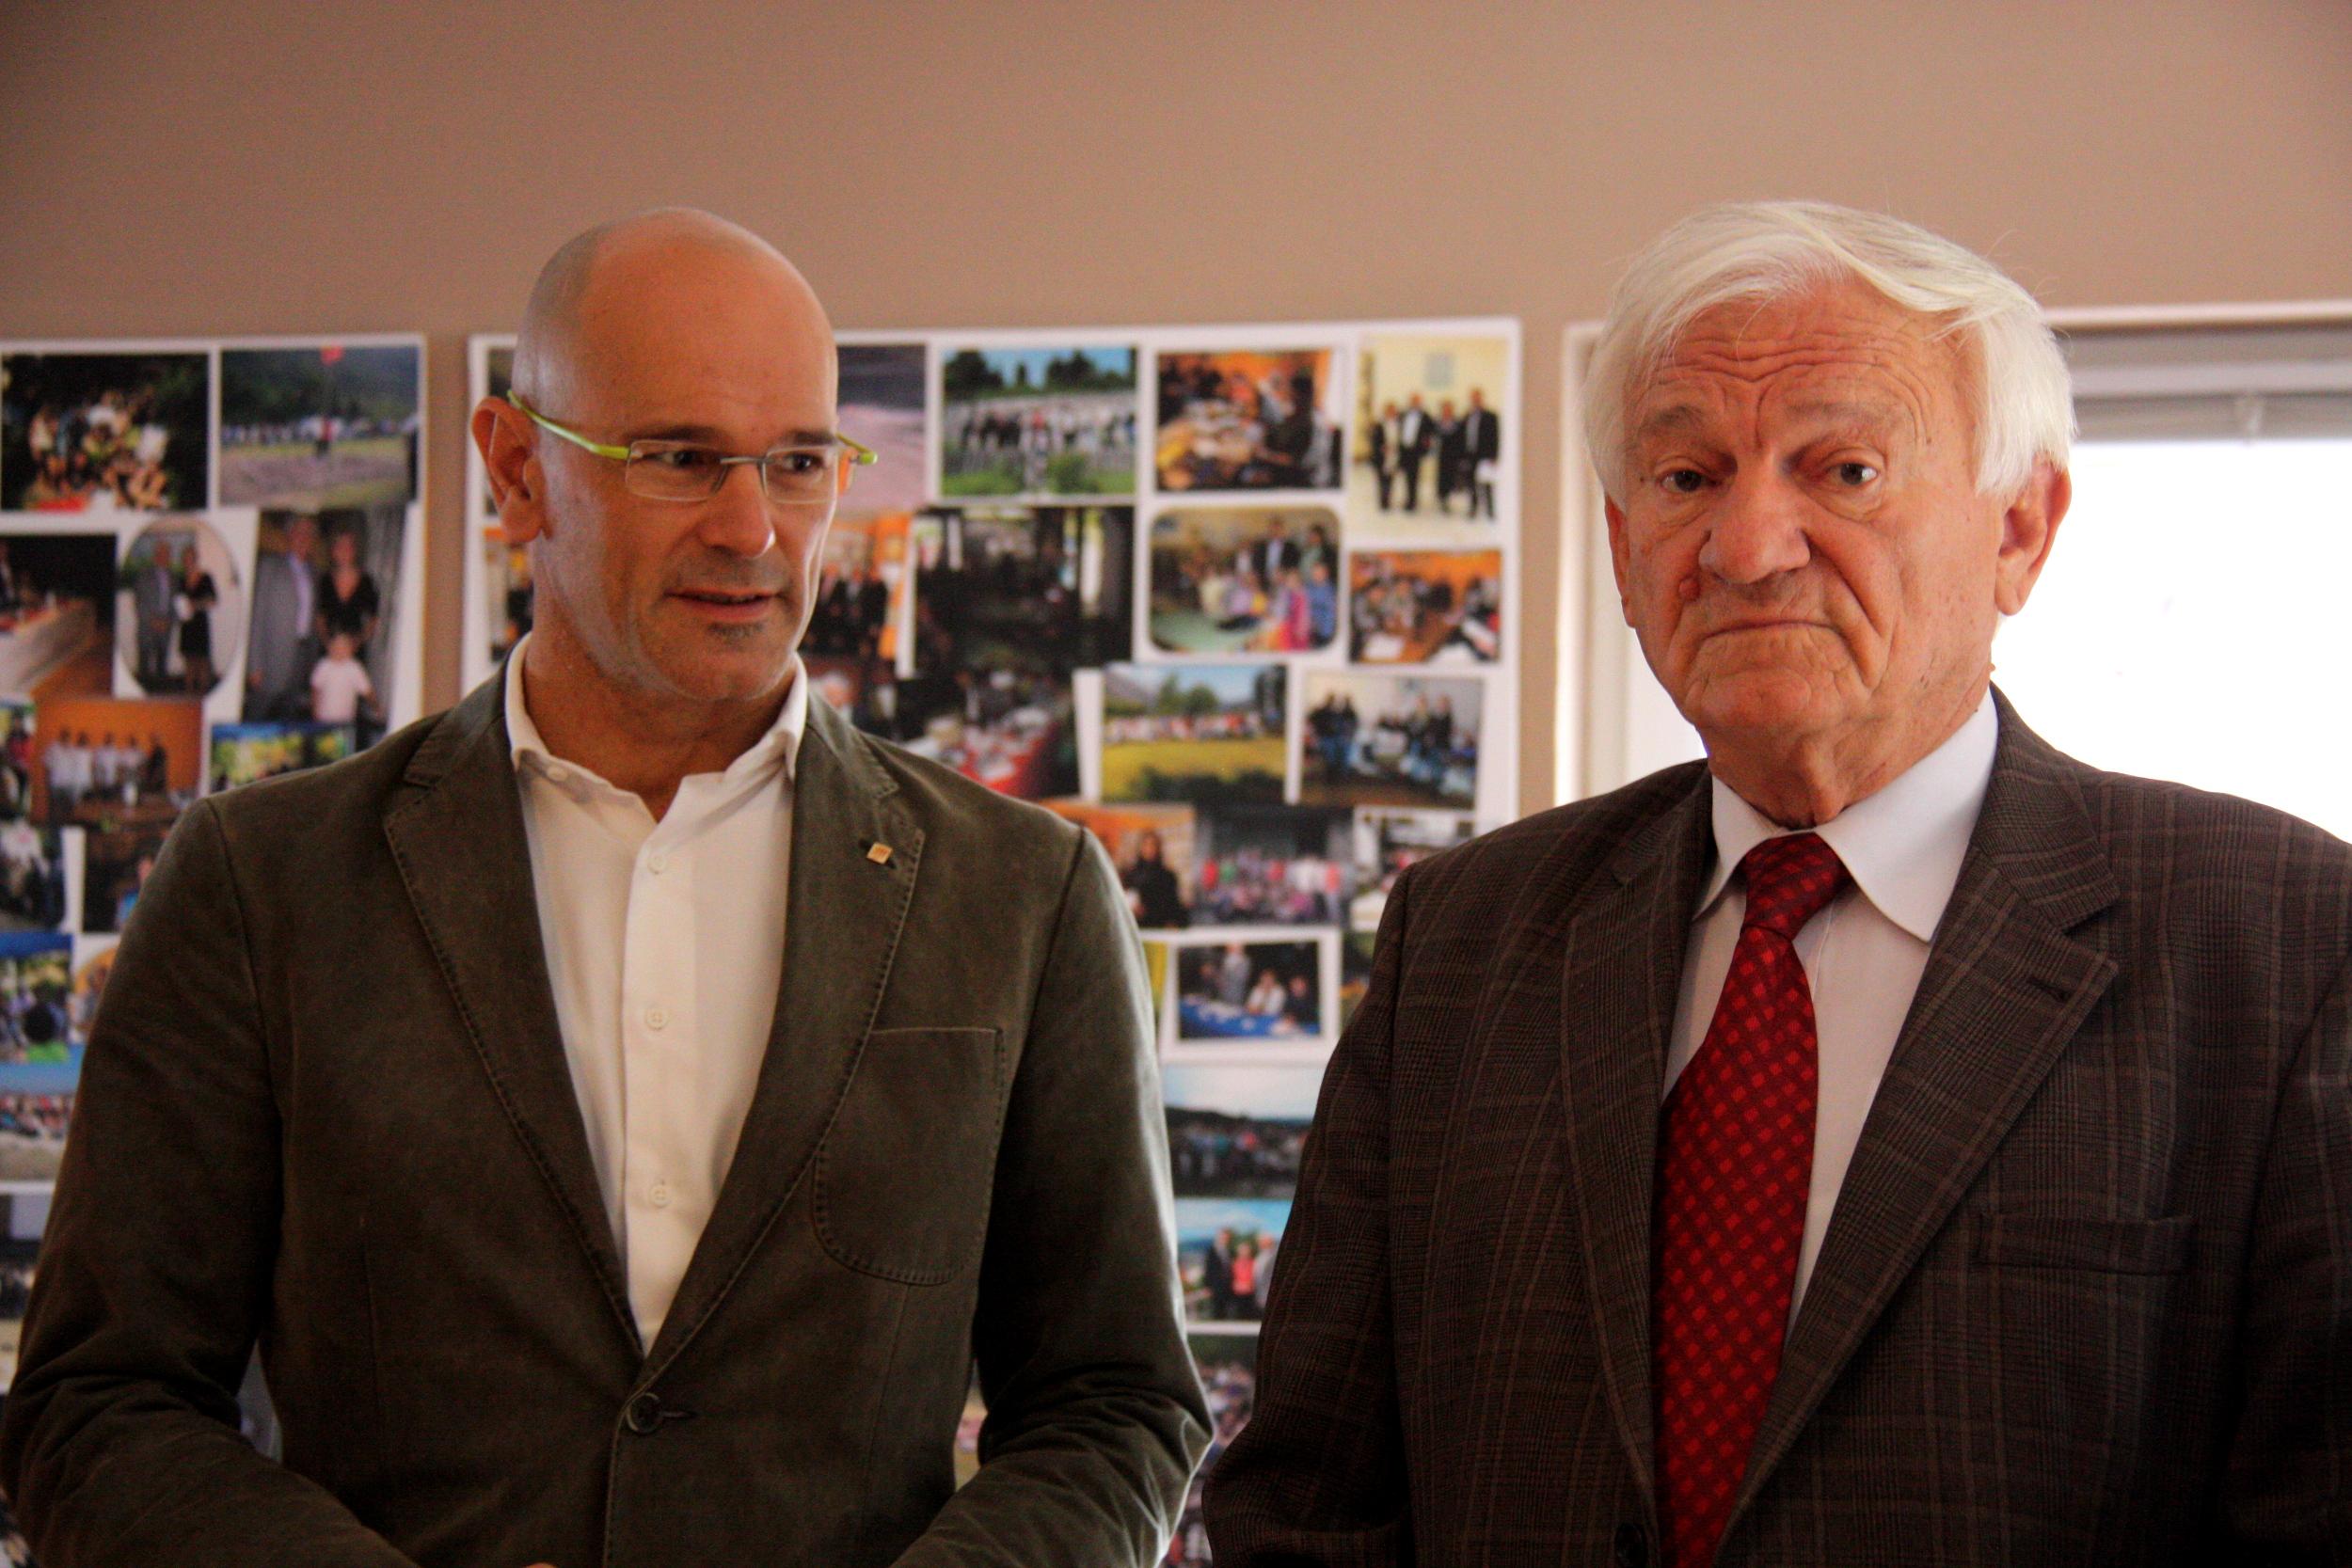 El conseller Raül Romeva amb l'exgeneral Jovan Divjak a la seu de al seva associació d'ajuda a les famílies dels infants víctimes de la guerra, el 13 d'octubre del 2016 / ACN